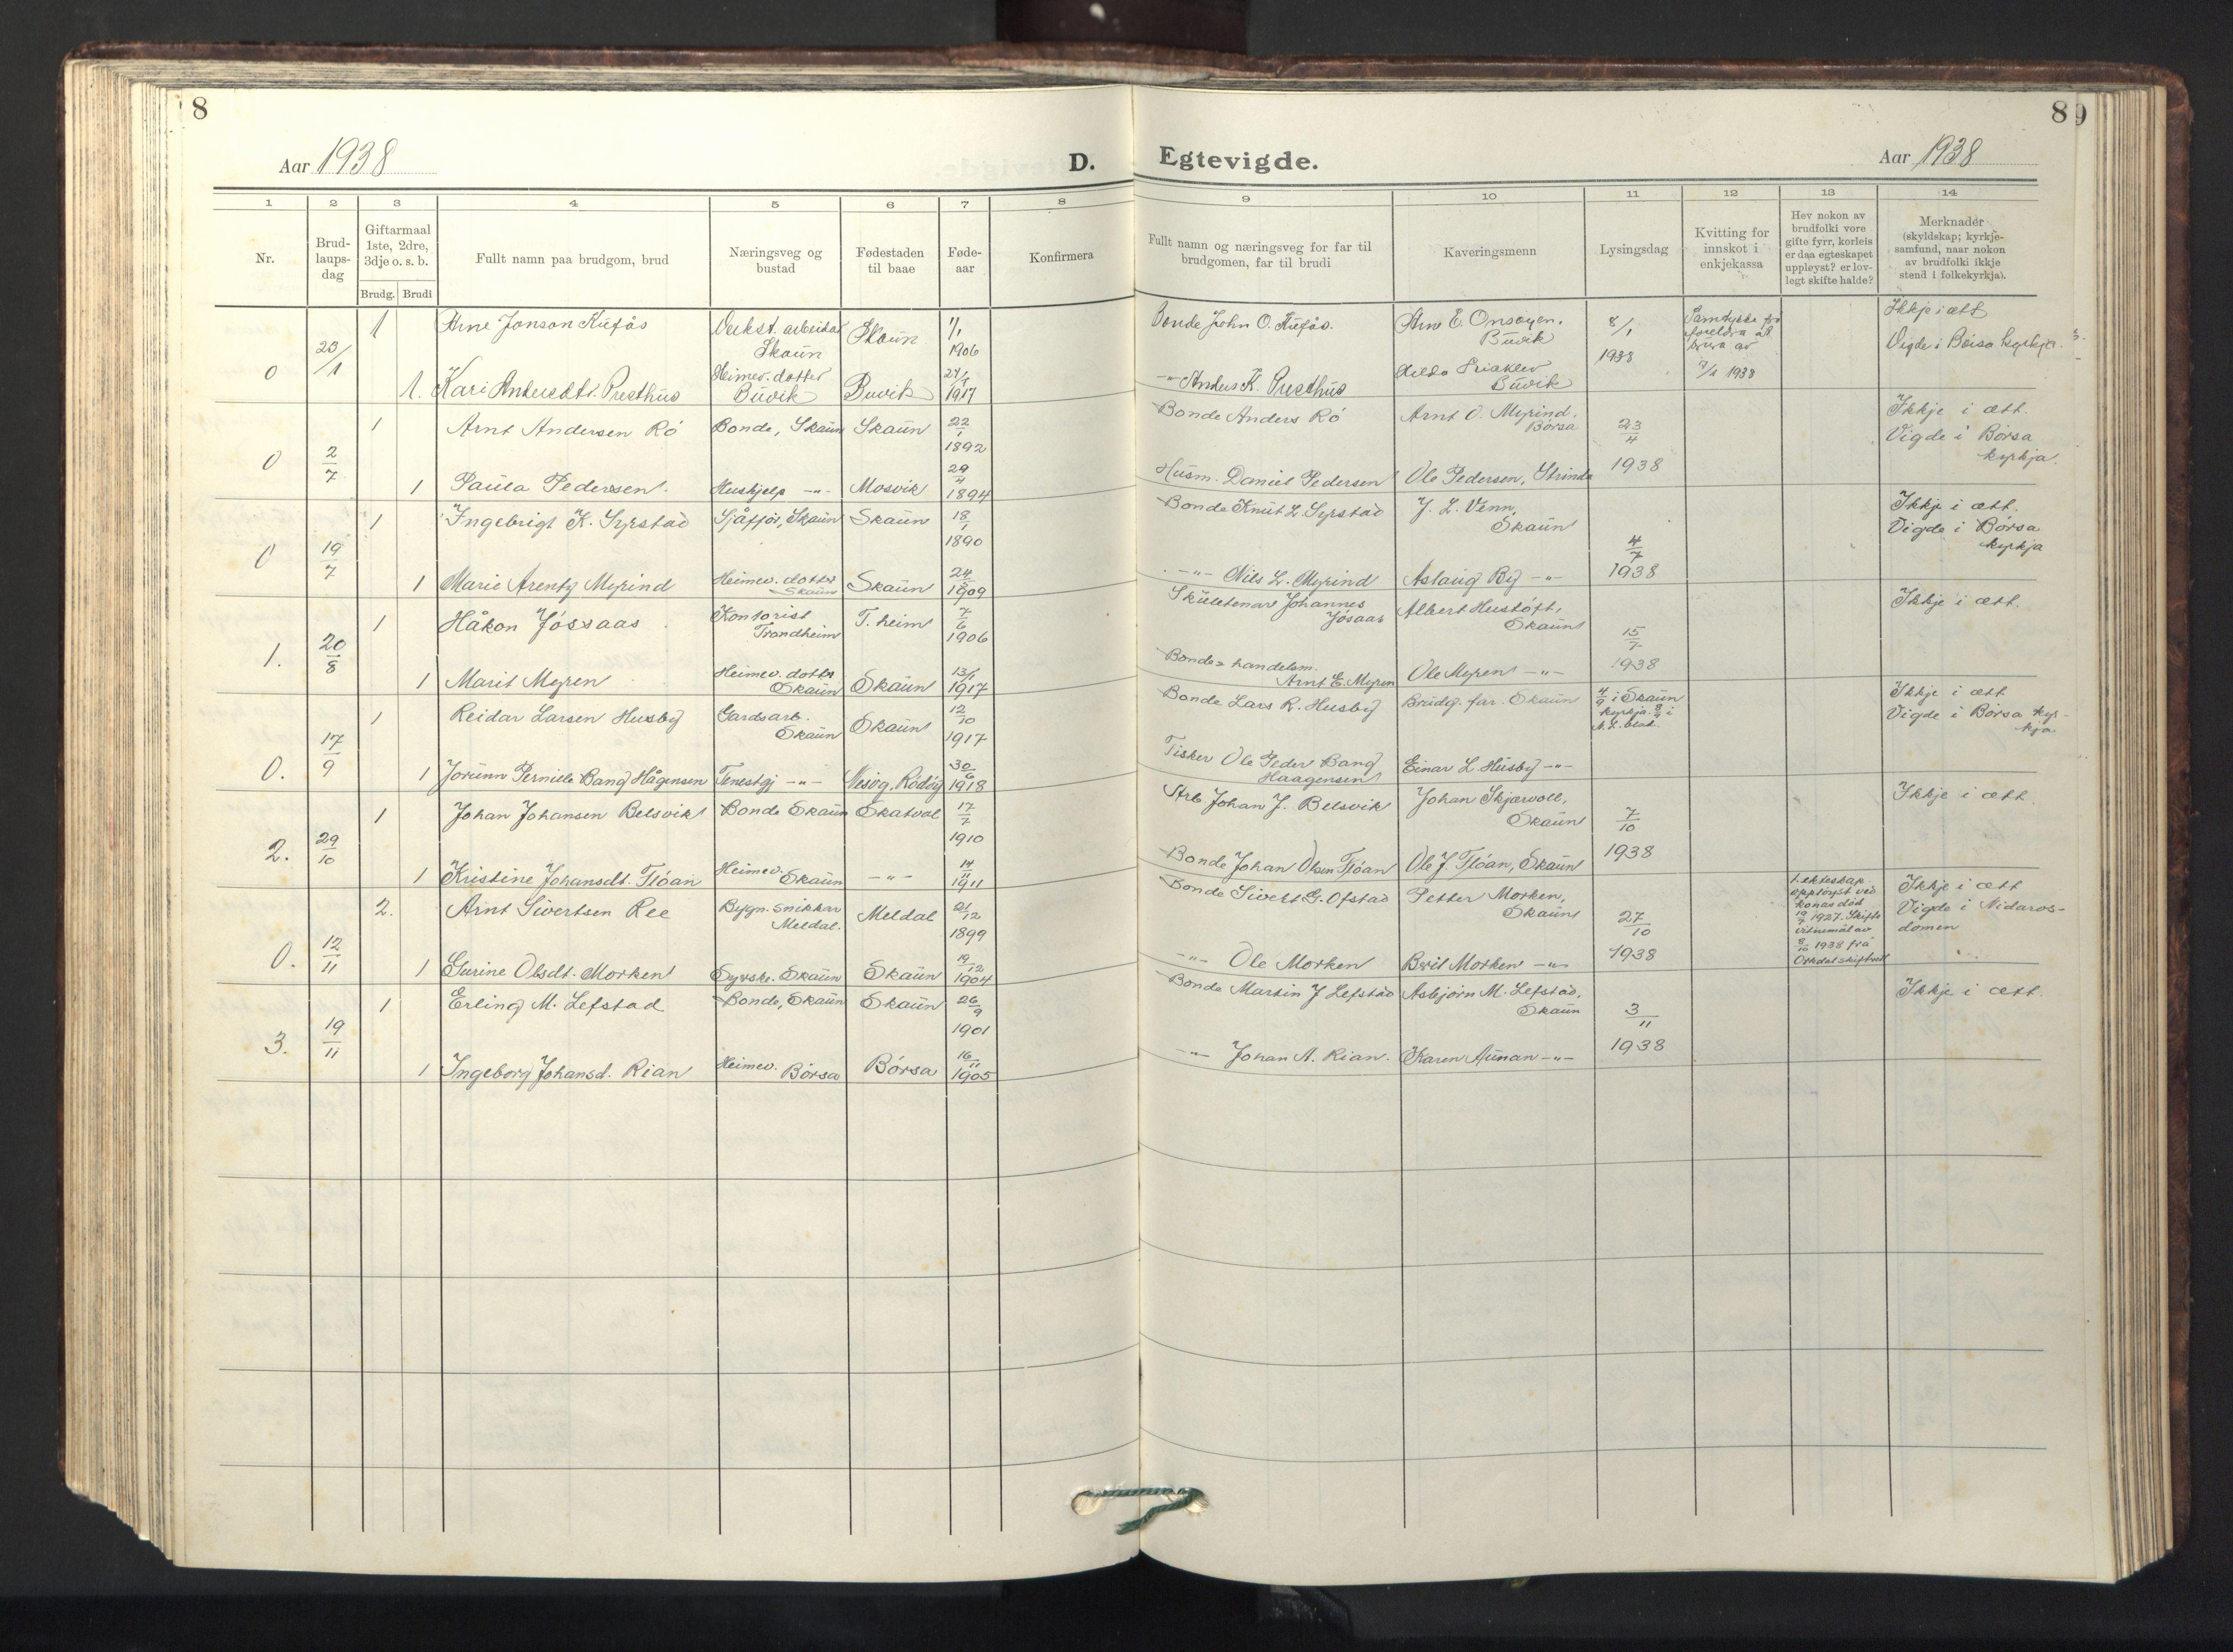 SAT, Ministerialprotokoller, klokkerbøker og fødselsregistre - Sør-Trøndelag, 667/L0799: Klokkerbok nr. 667C04, 1929-1950, s. 8